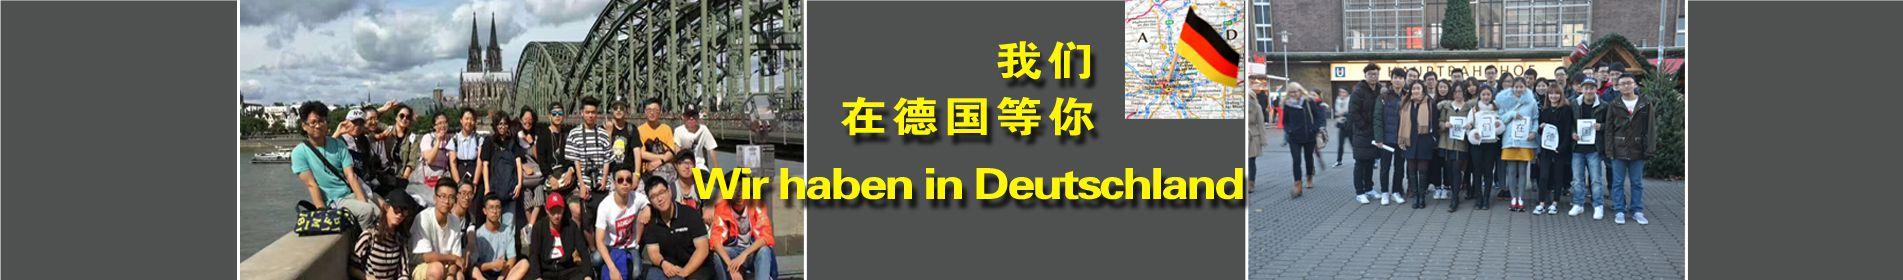 德国留学风采:我们在德国等你